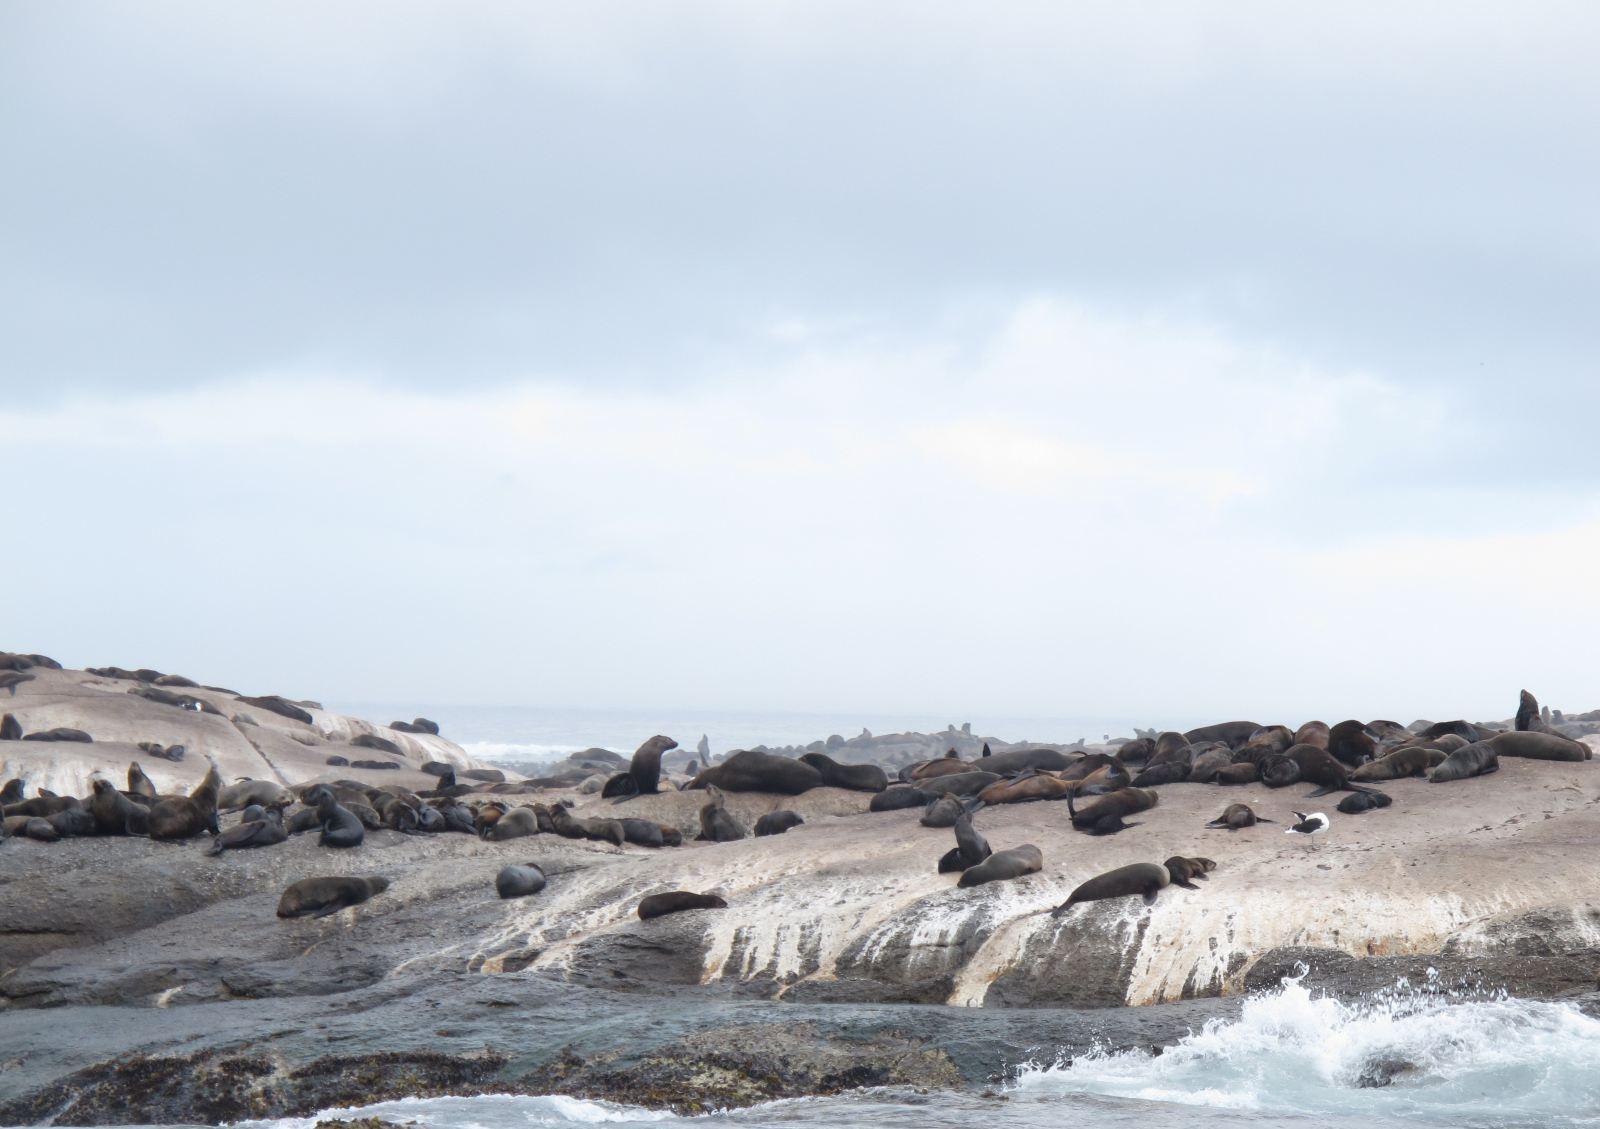 在游船上环岛游览南非海豹岛,观看上千只的海豹,海鸥